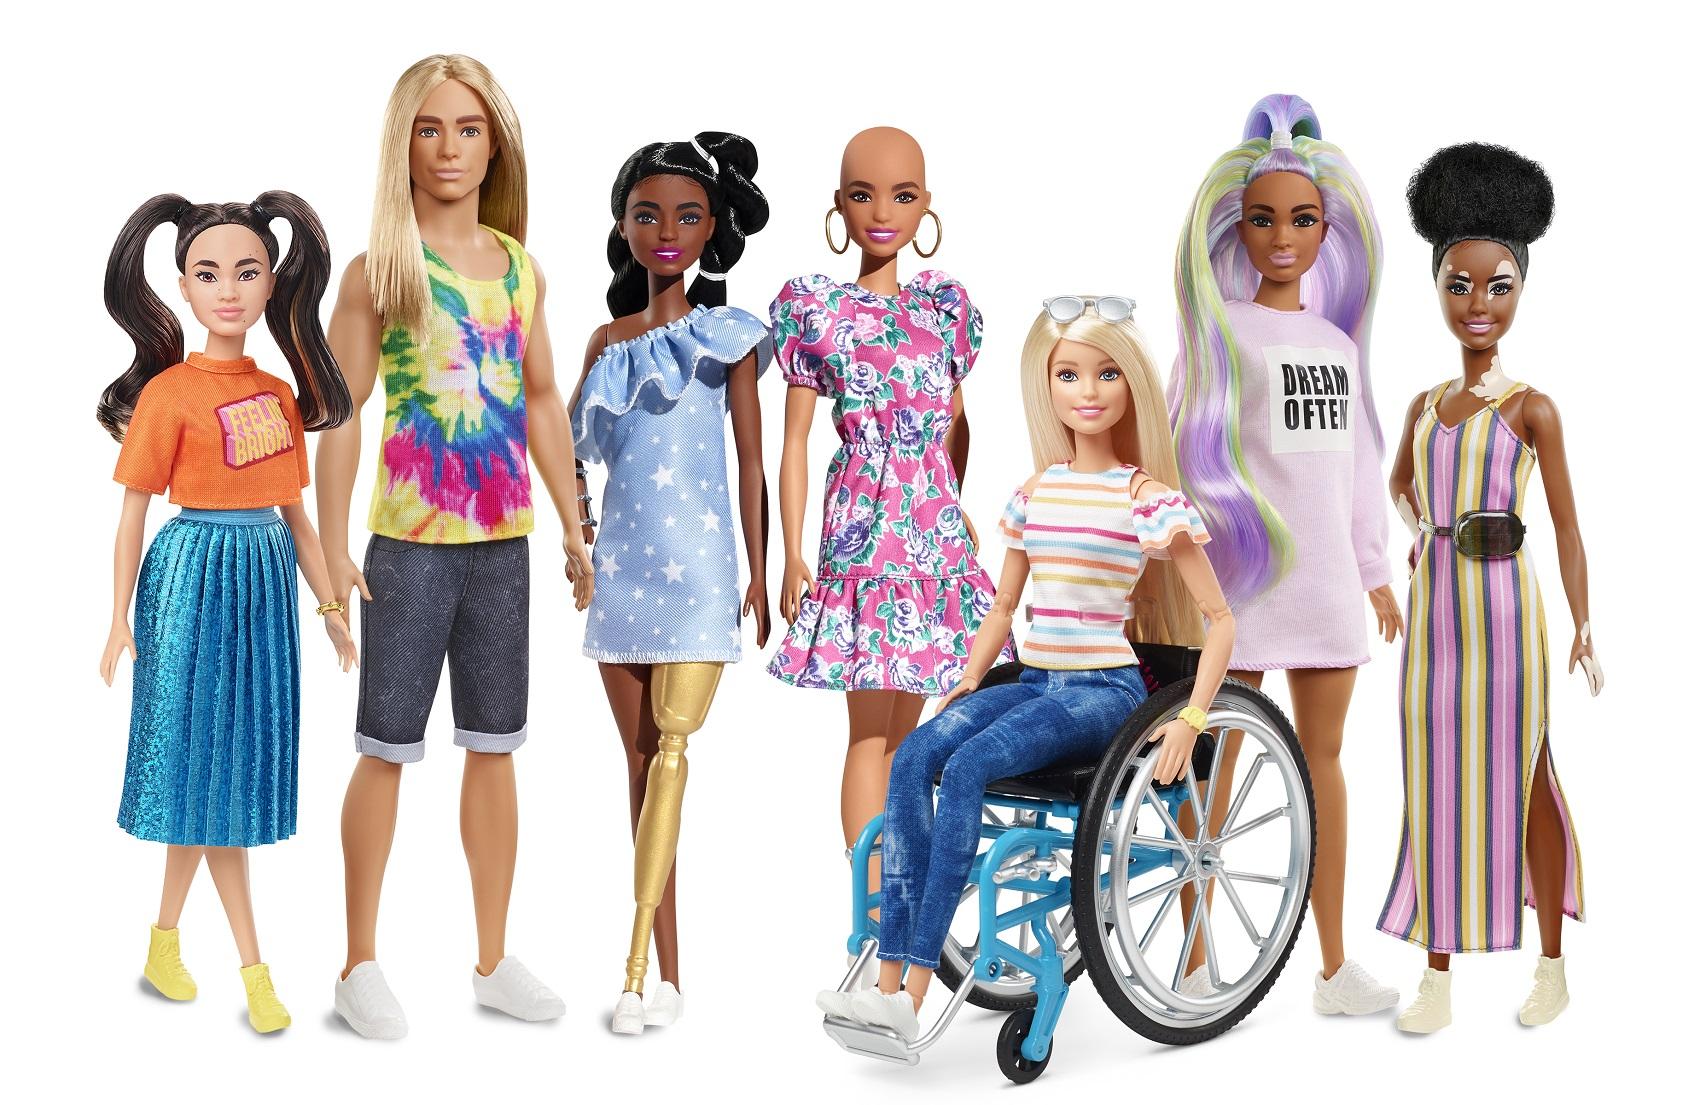 Barbie, la muñeca que ha inspirado a las niñas durante décadas, enseñando lecciones sobre identidad, empoderamiento cumple hoy 62 años.